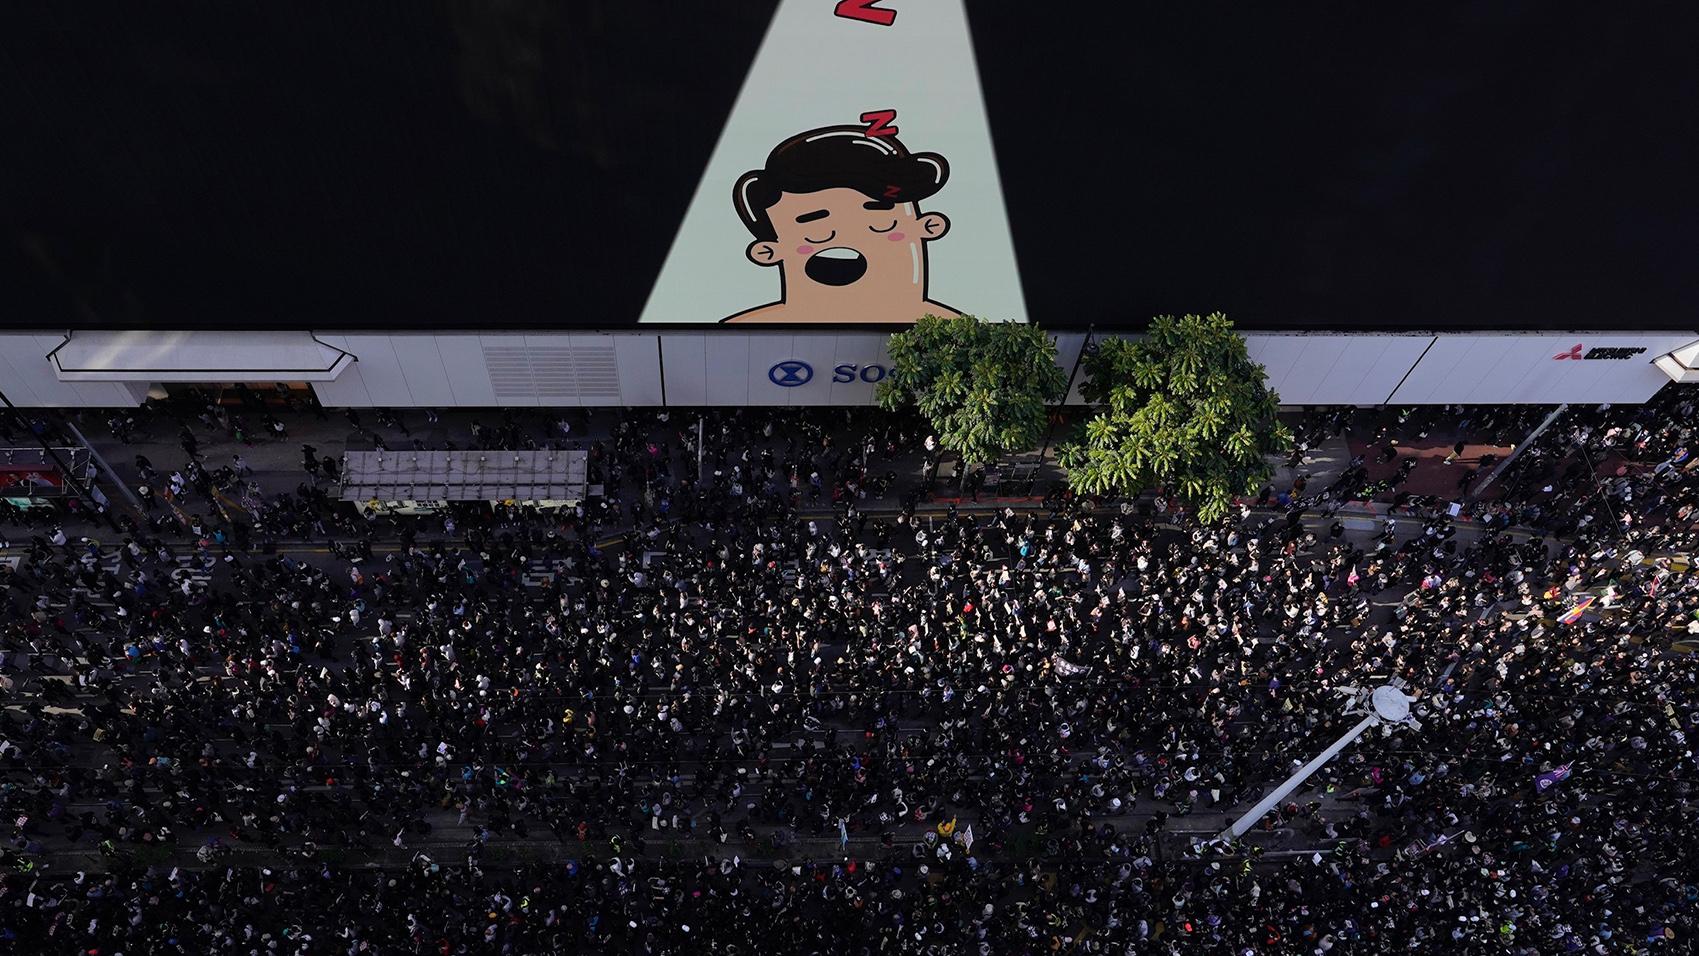 """香港反送中运动届满半年之际,2019年12月8日,世界人权日前夕,有80万香港人走上街头,持续表达""""五大诉求、缺一不可""""的坚持。(美联社)"""